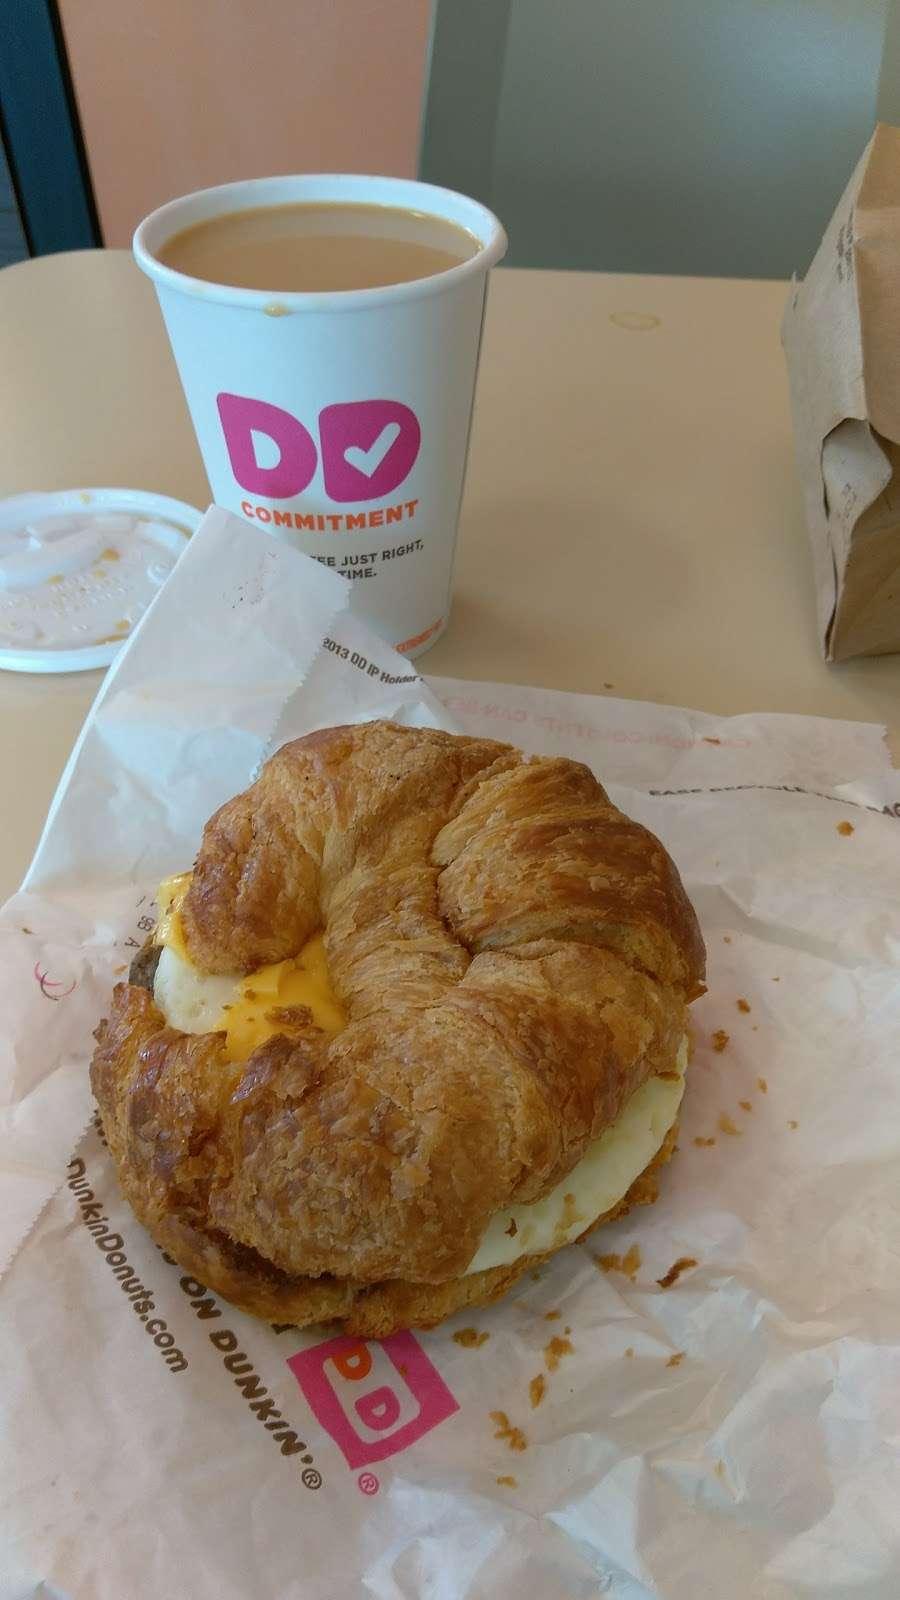 Dunkin Donuts - cafe  | Photo 6 of 10 | Address: 107-11/15 Rockaway Blvd, Ozone Park, NY 11417, USA | Phone: (718) 835-3682